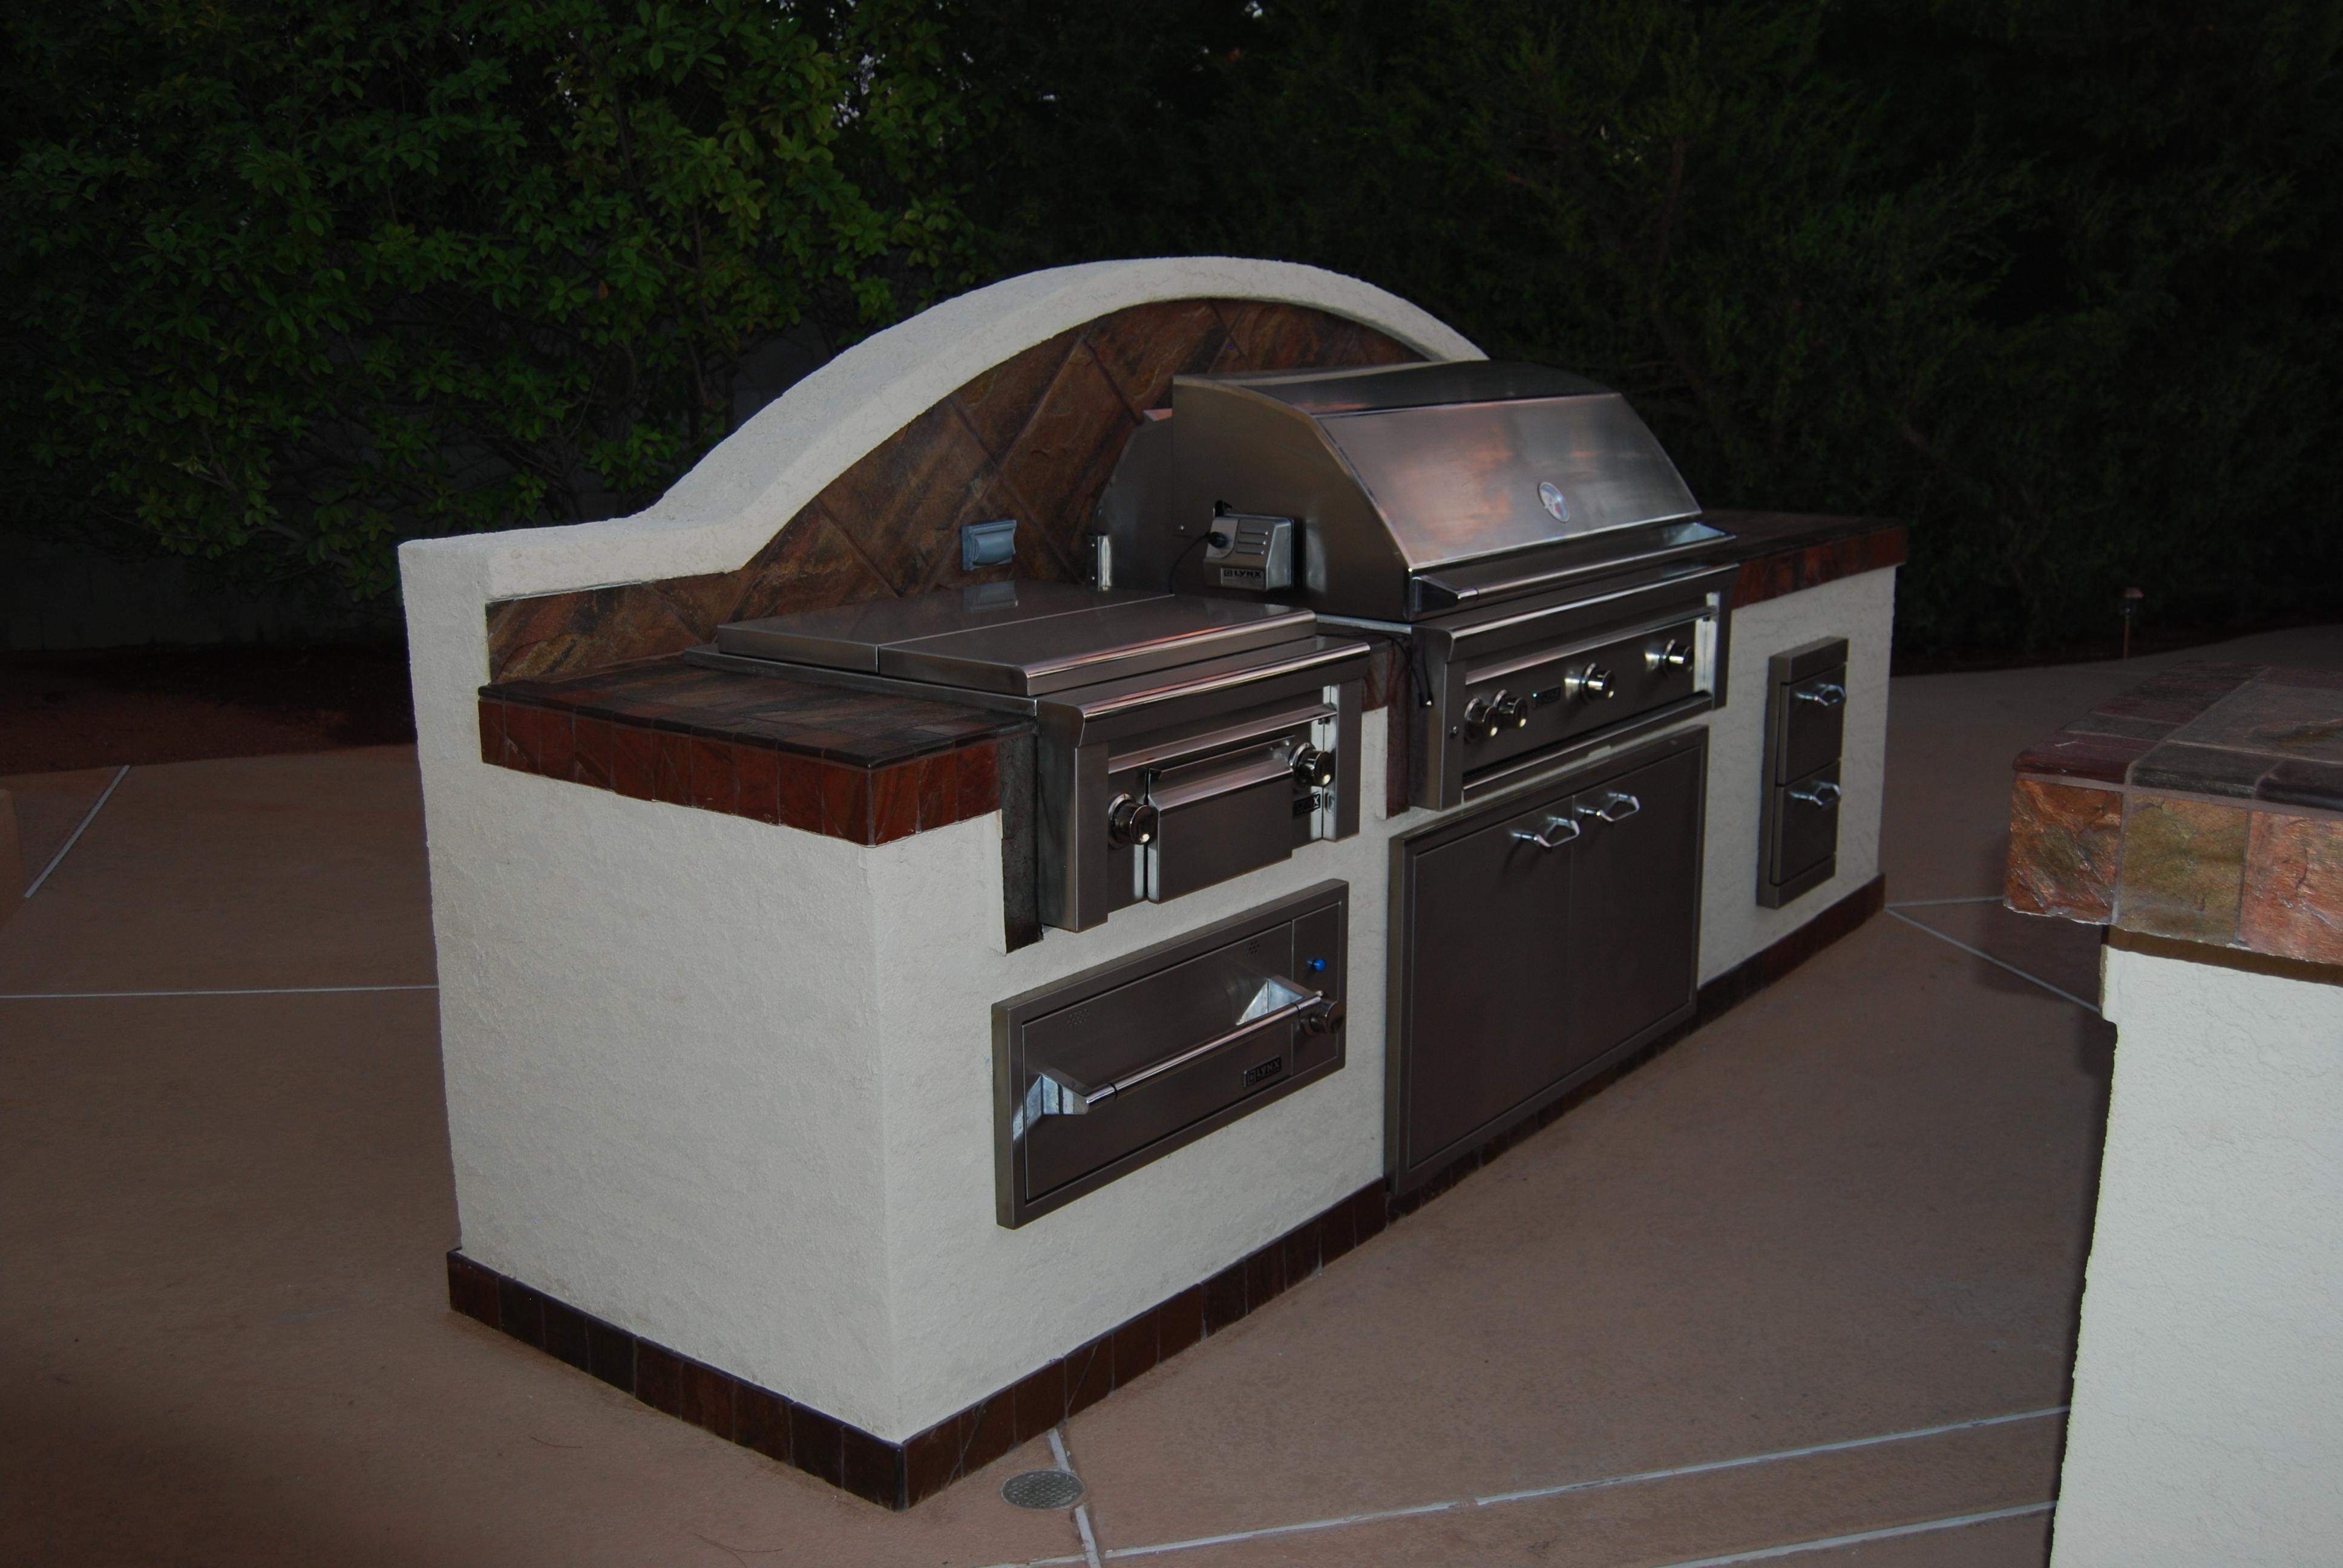 Bbq Outdoor Kitchen Islands Outdoor Kitchen Bull Outdoor Islands Gas Grills Bull Outdoor